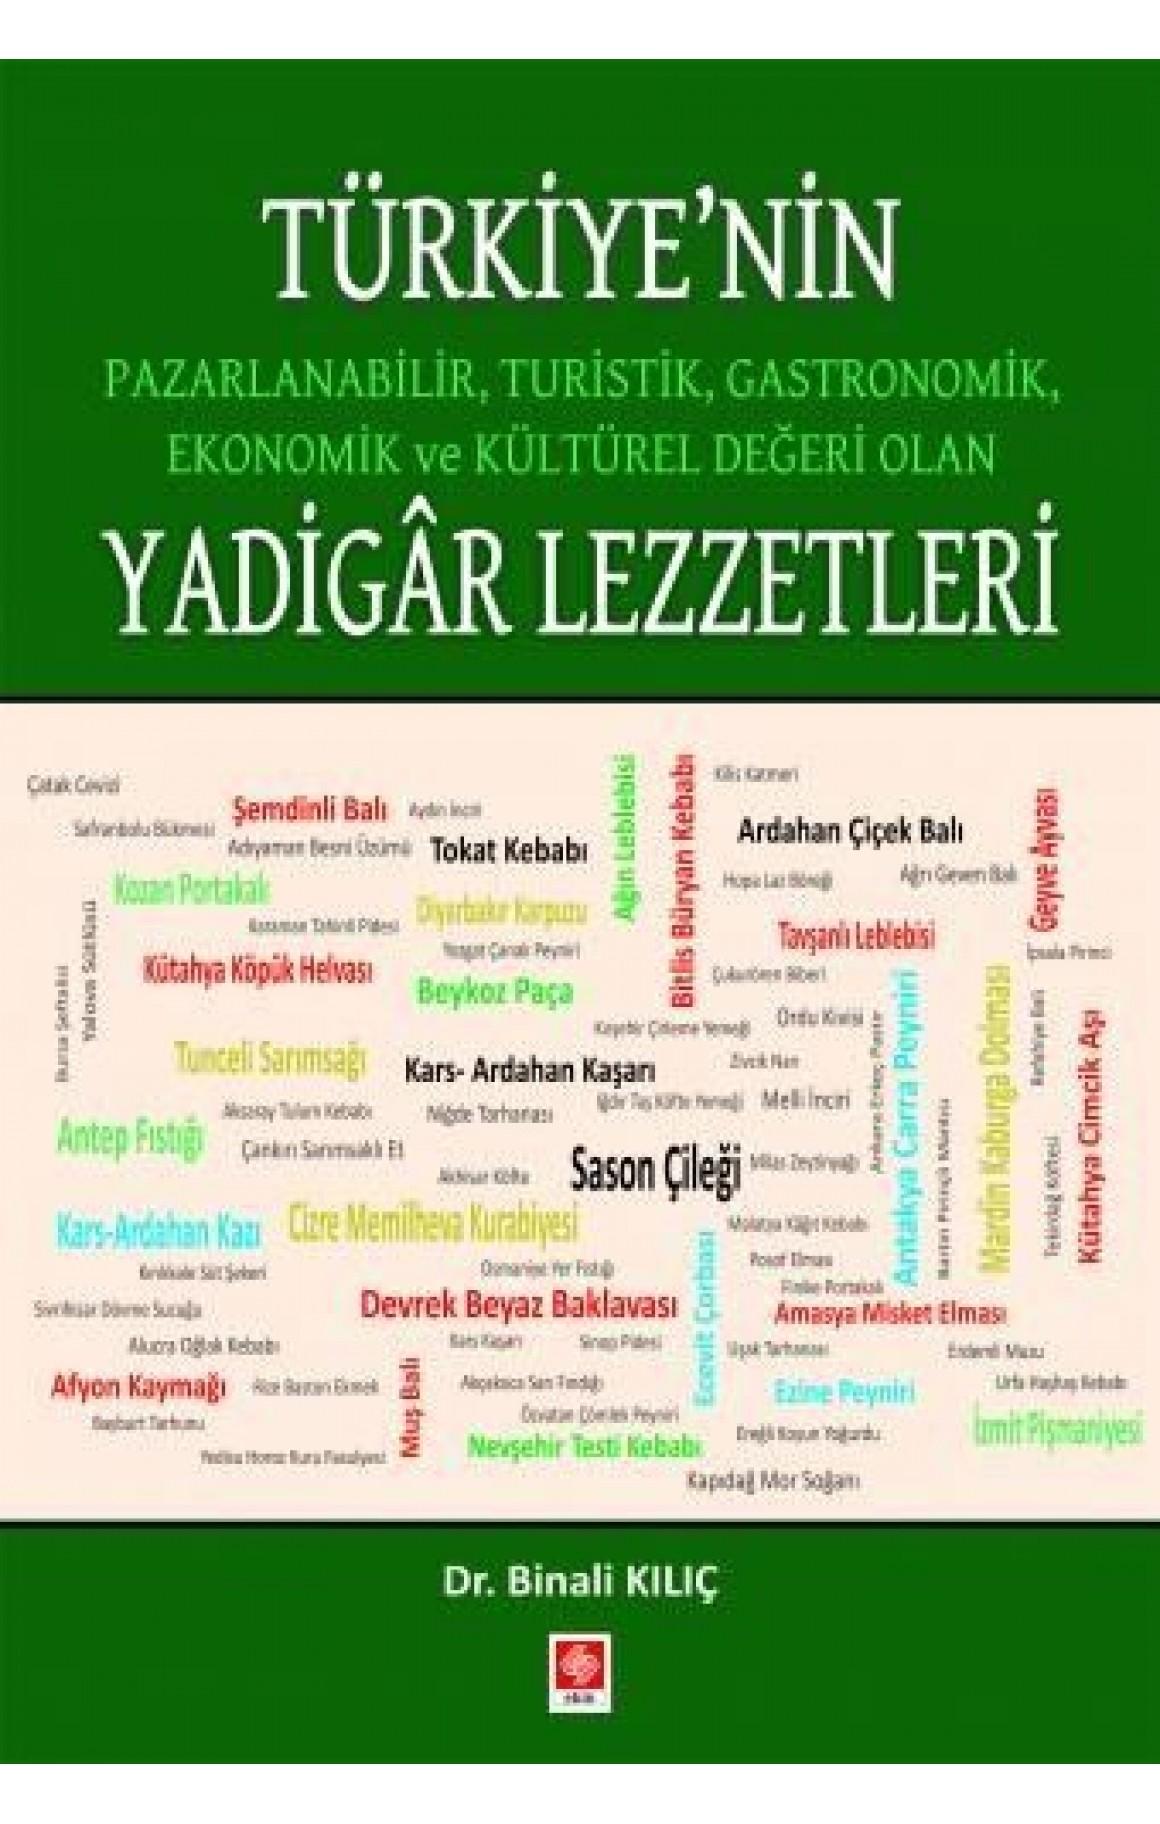 Türkiyenin Pazarlanabilir Turistik Gastronomik Ekonomik ve Kültürel Değeri Olan Yadigar Lezzetleri